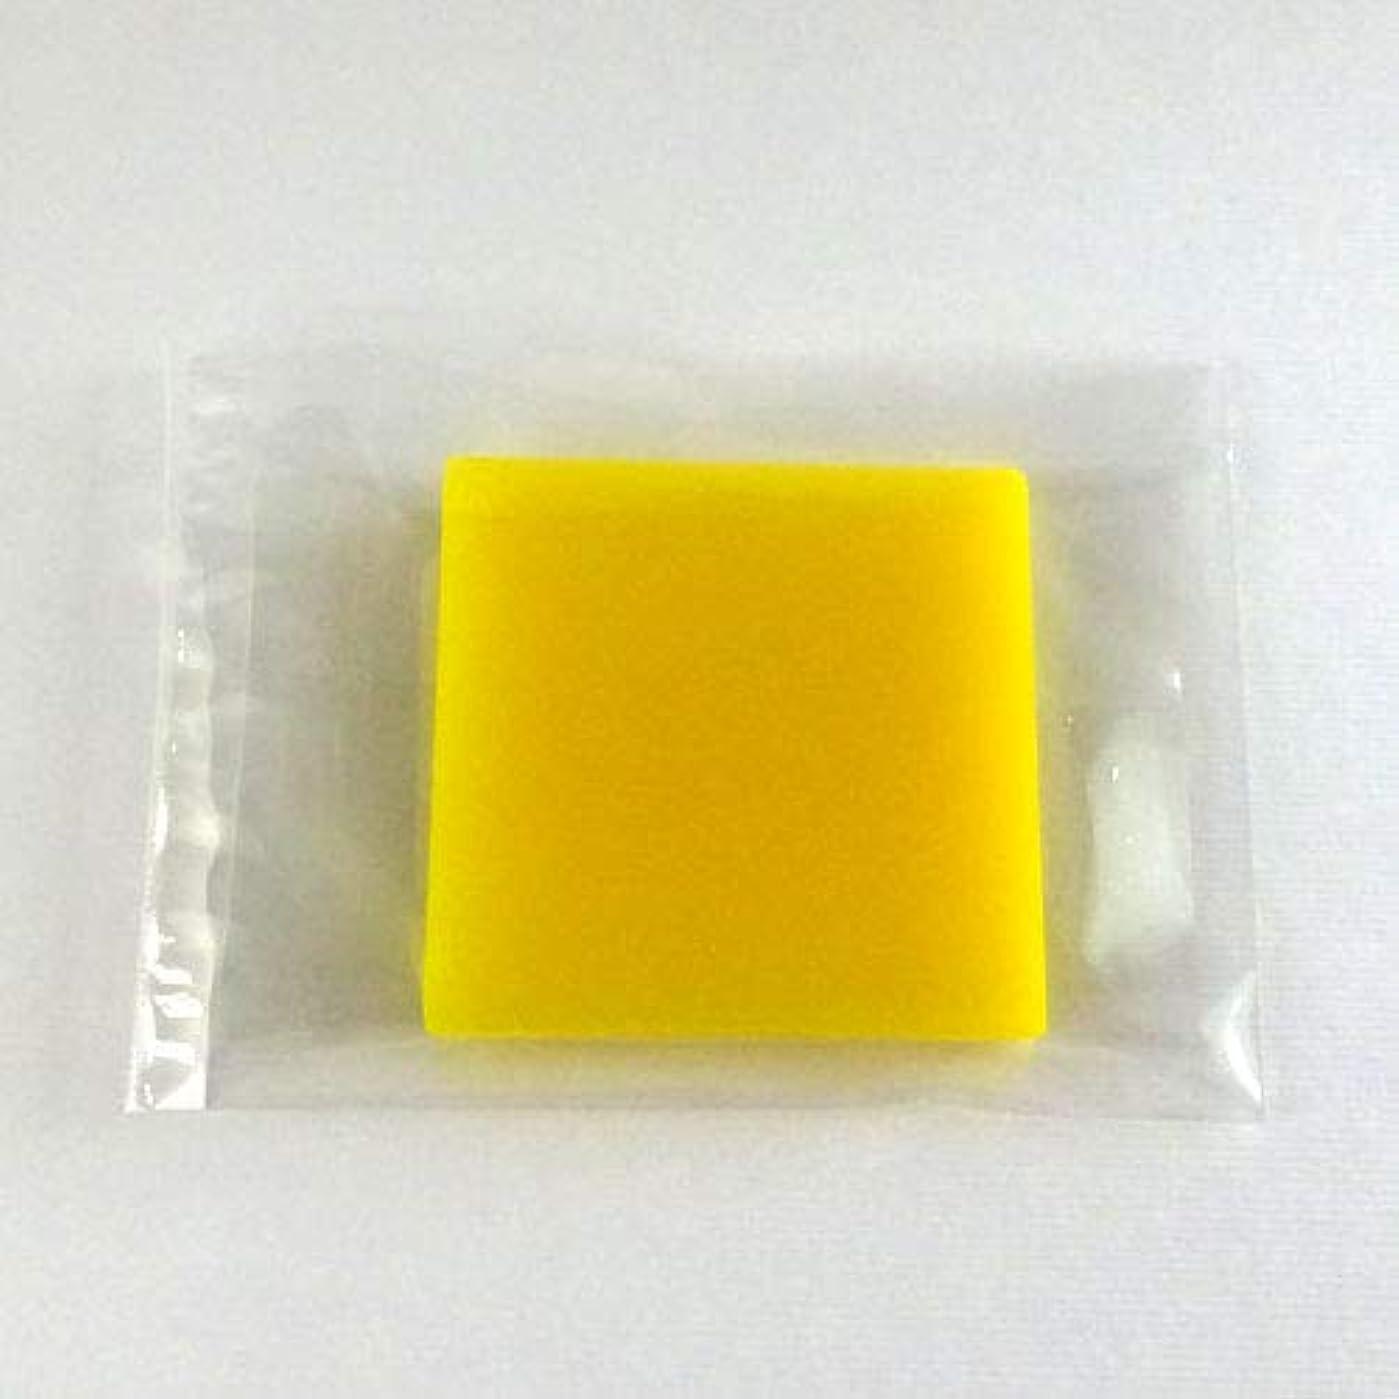 敬な重力くるくるグリセリンソープ MPソープ 色チップ 黄(イエロー) 120g(30g x 4pc)